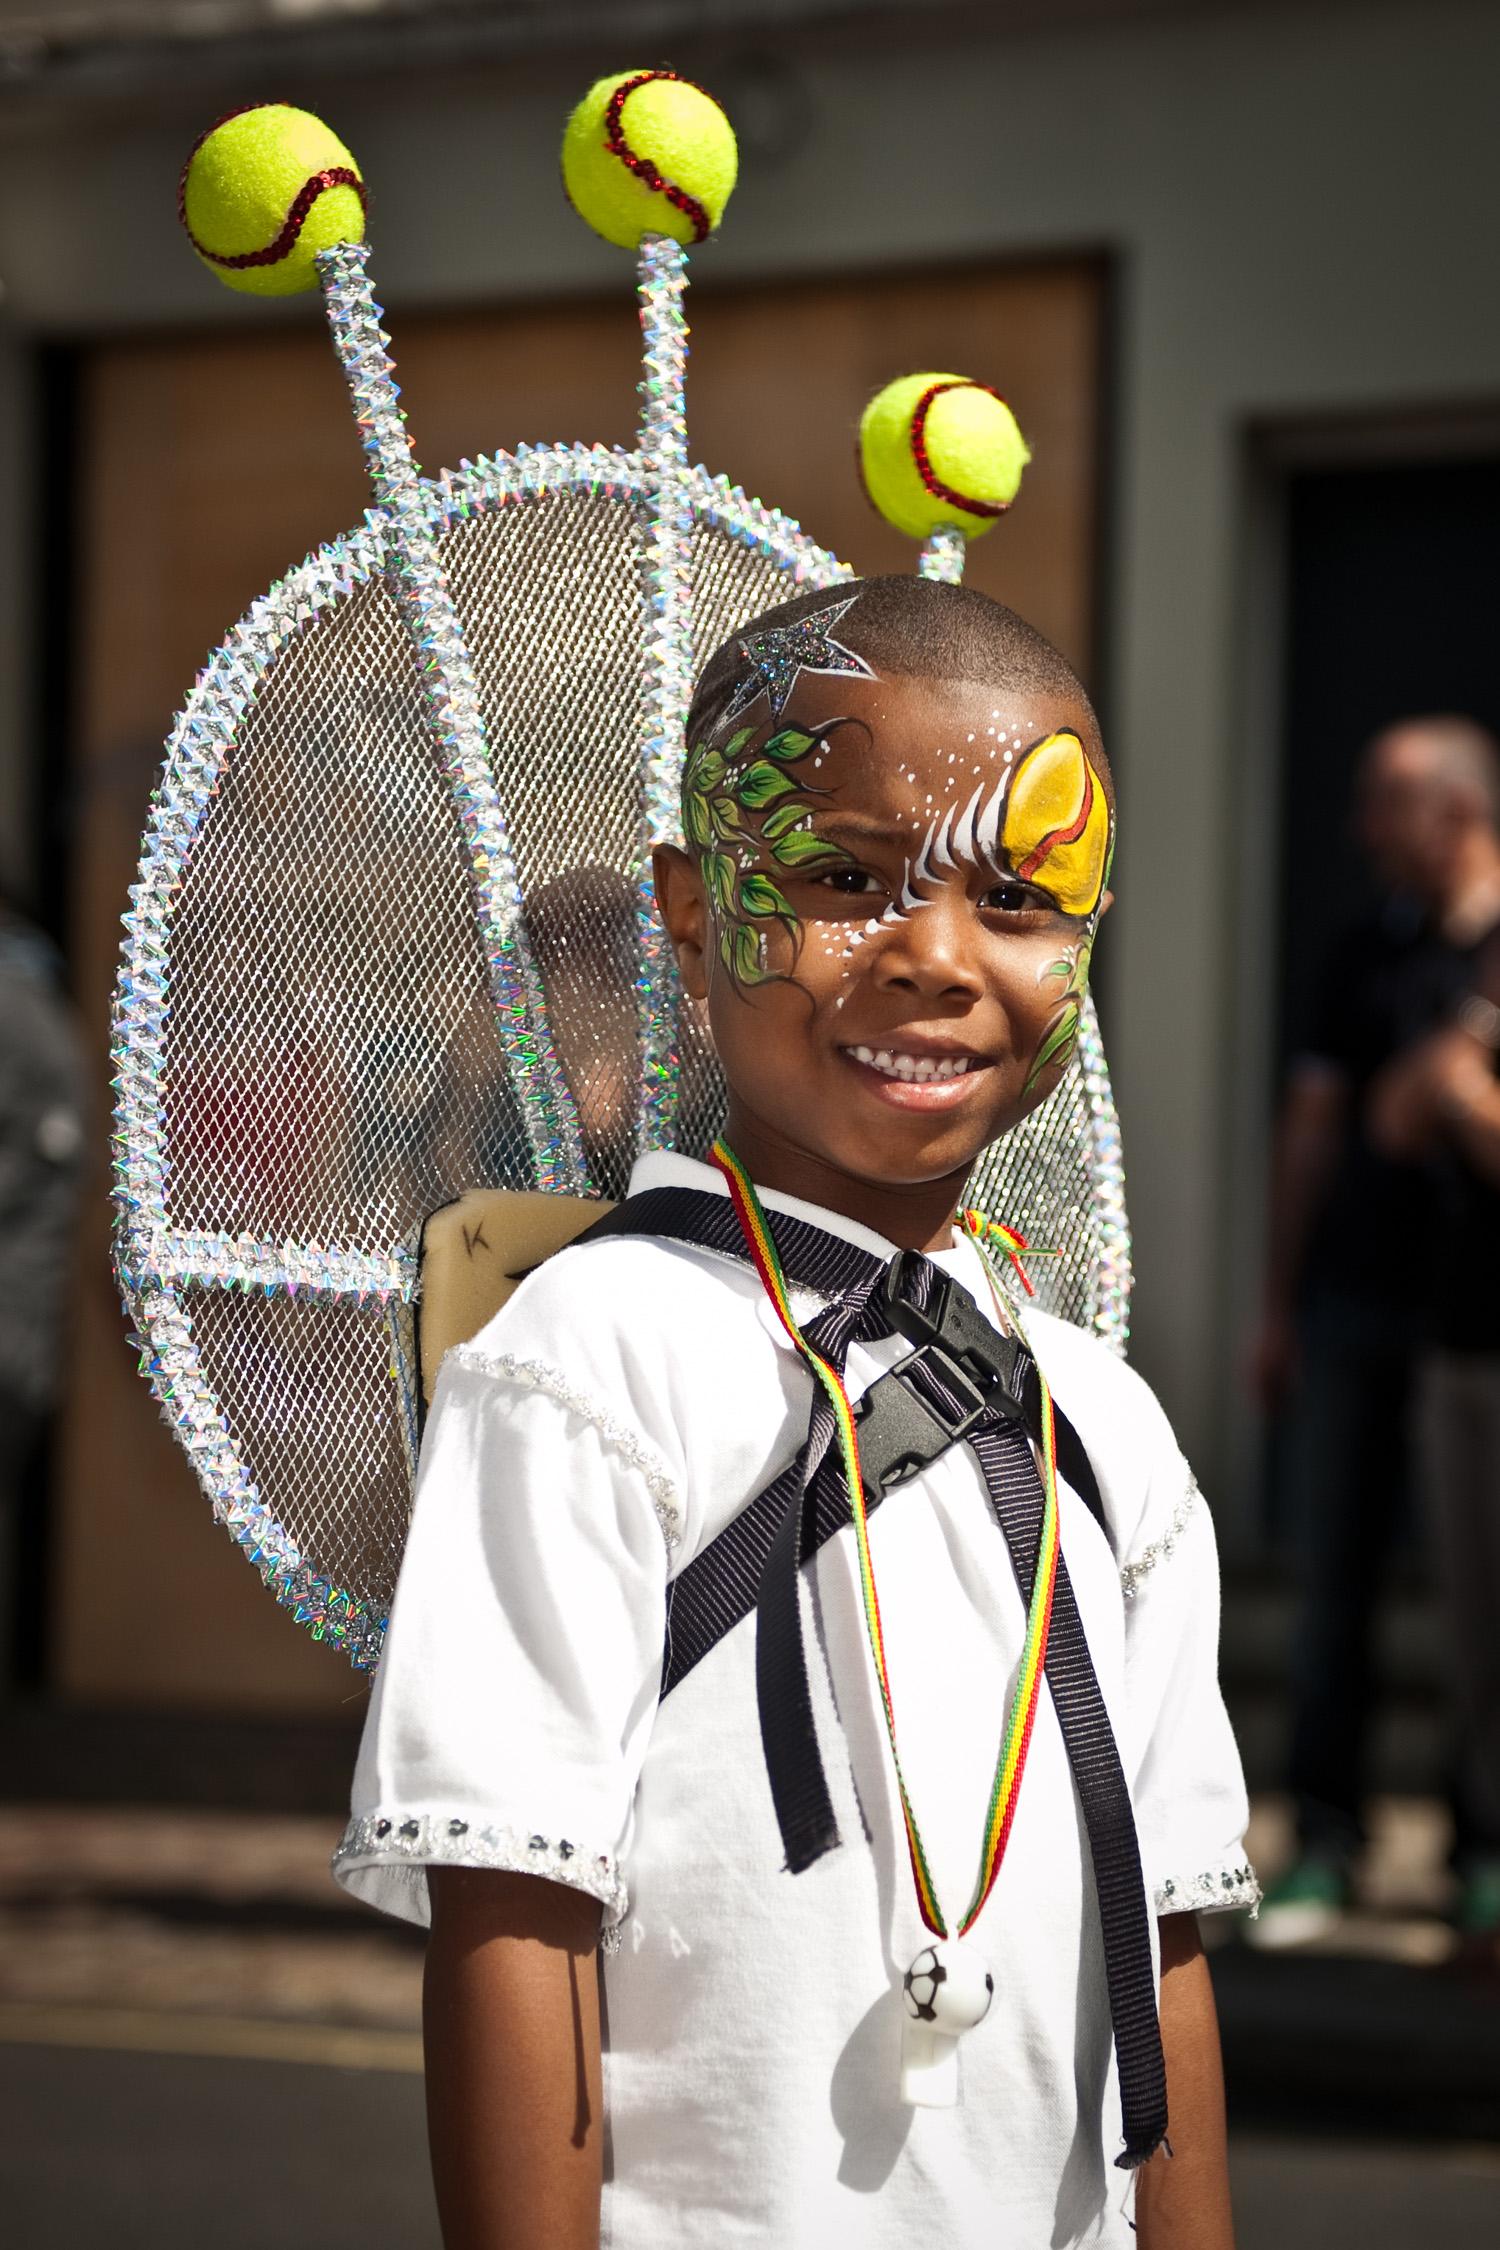 Carnival_the_Kids_07